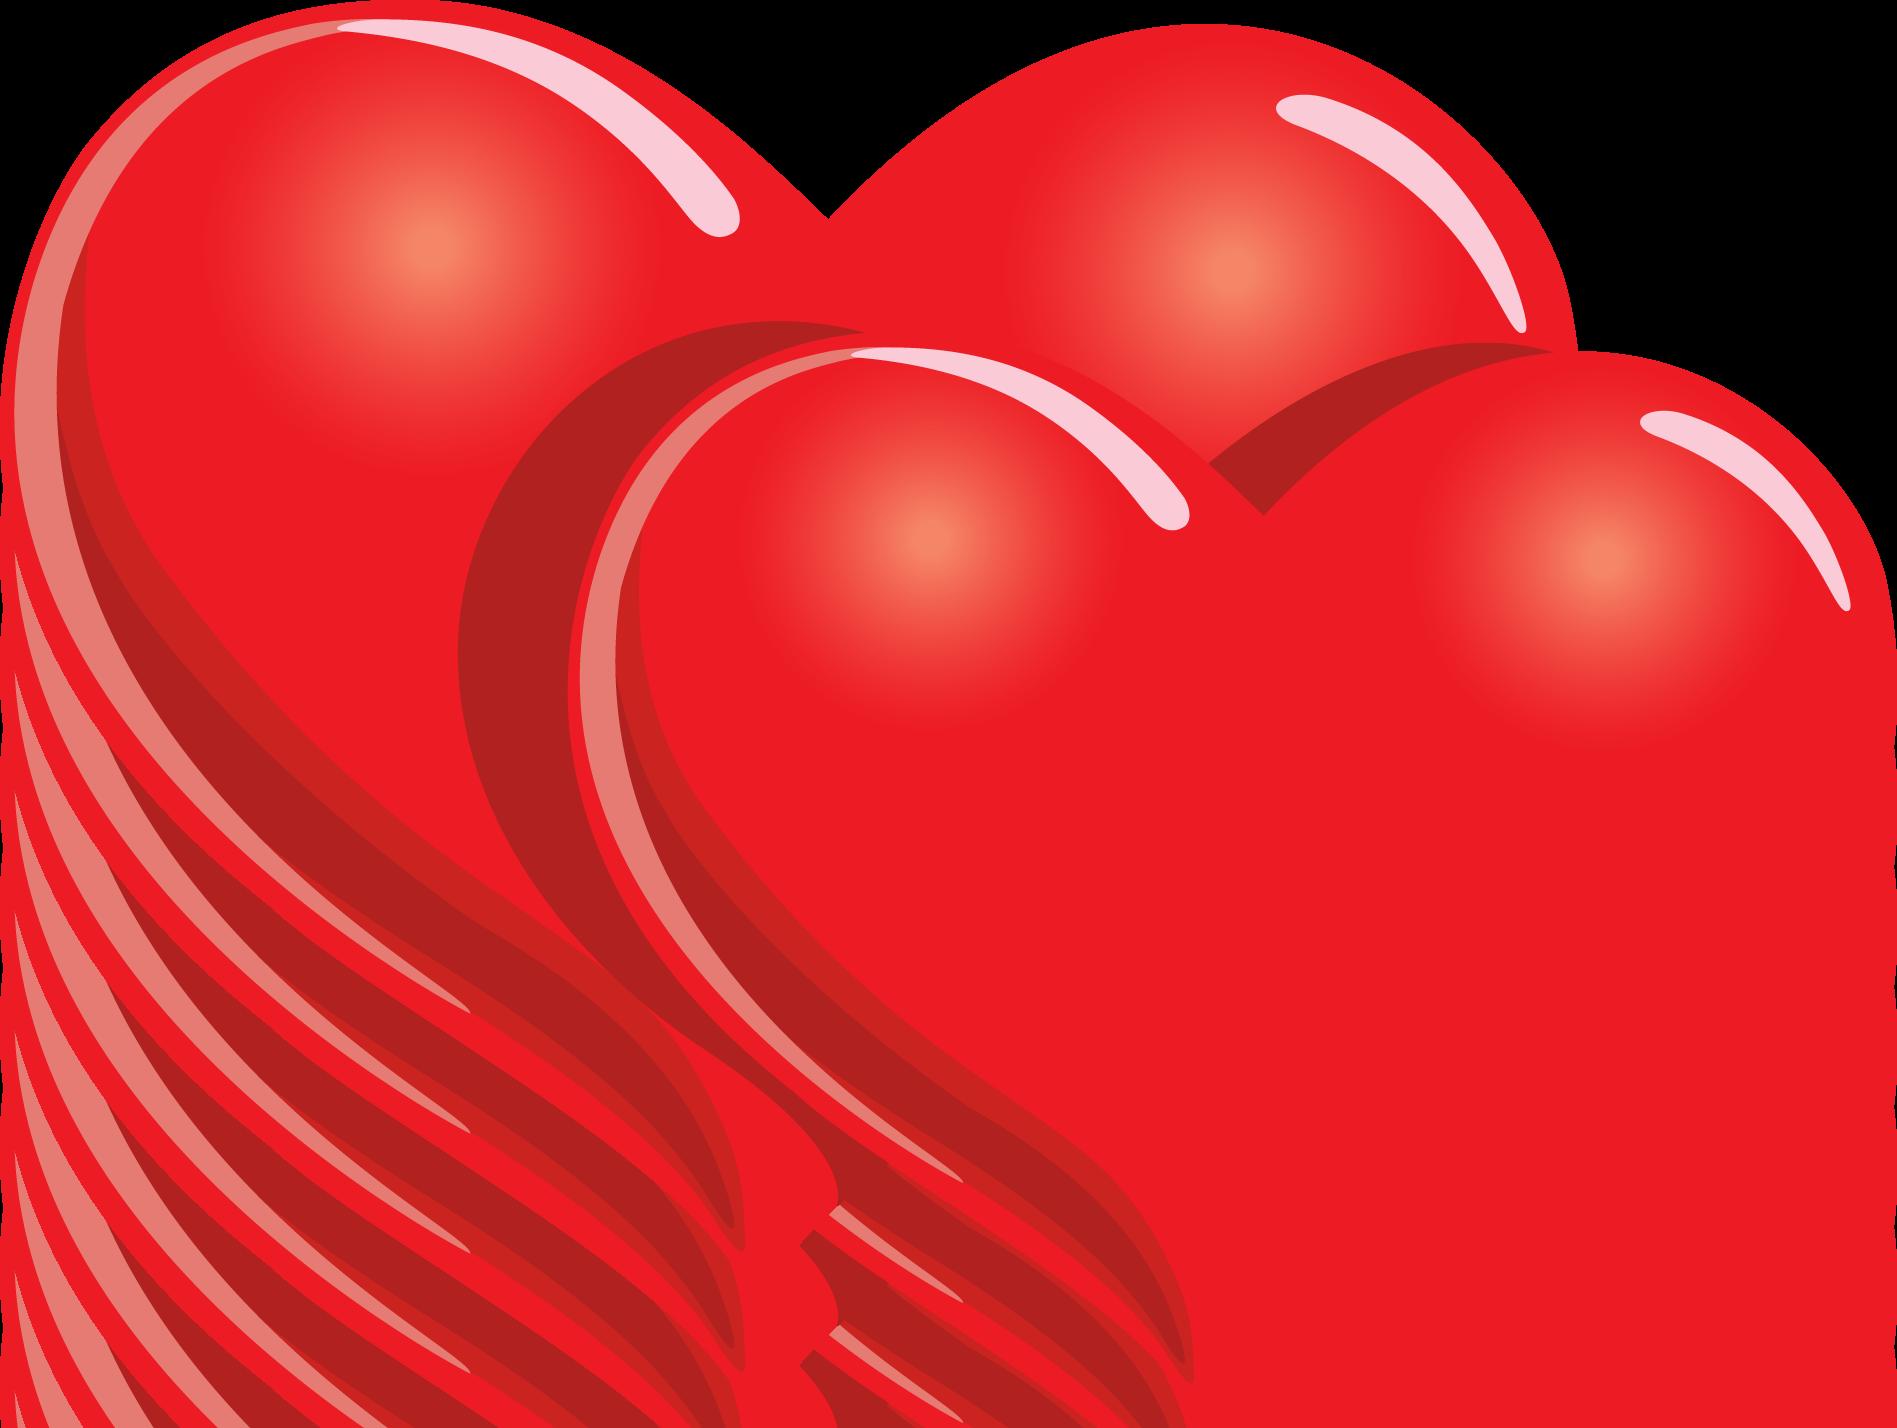 Love symbol clipart clipground love symbols clip art biocorpaavc